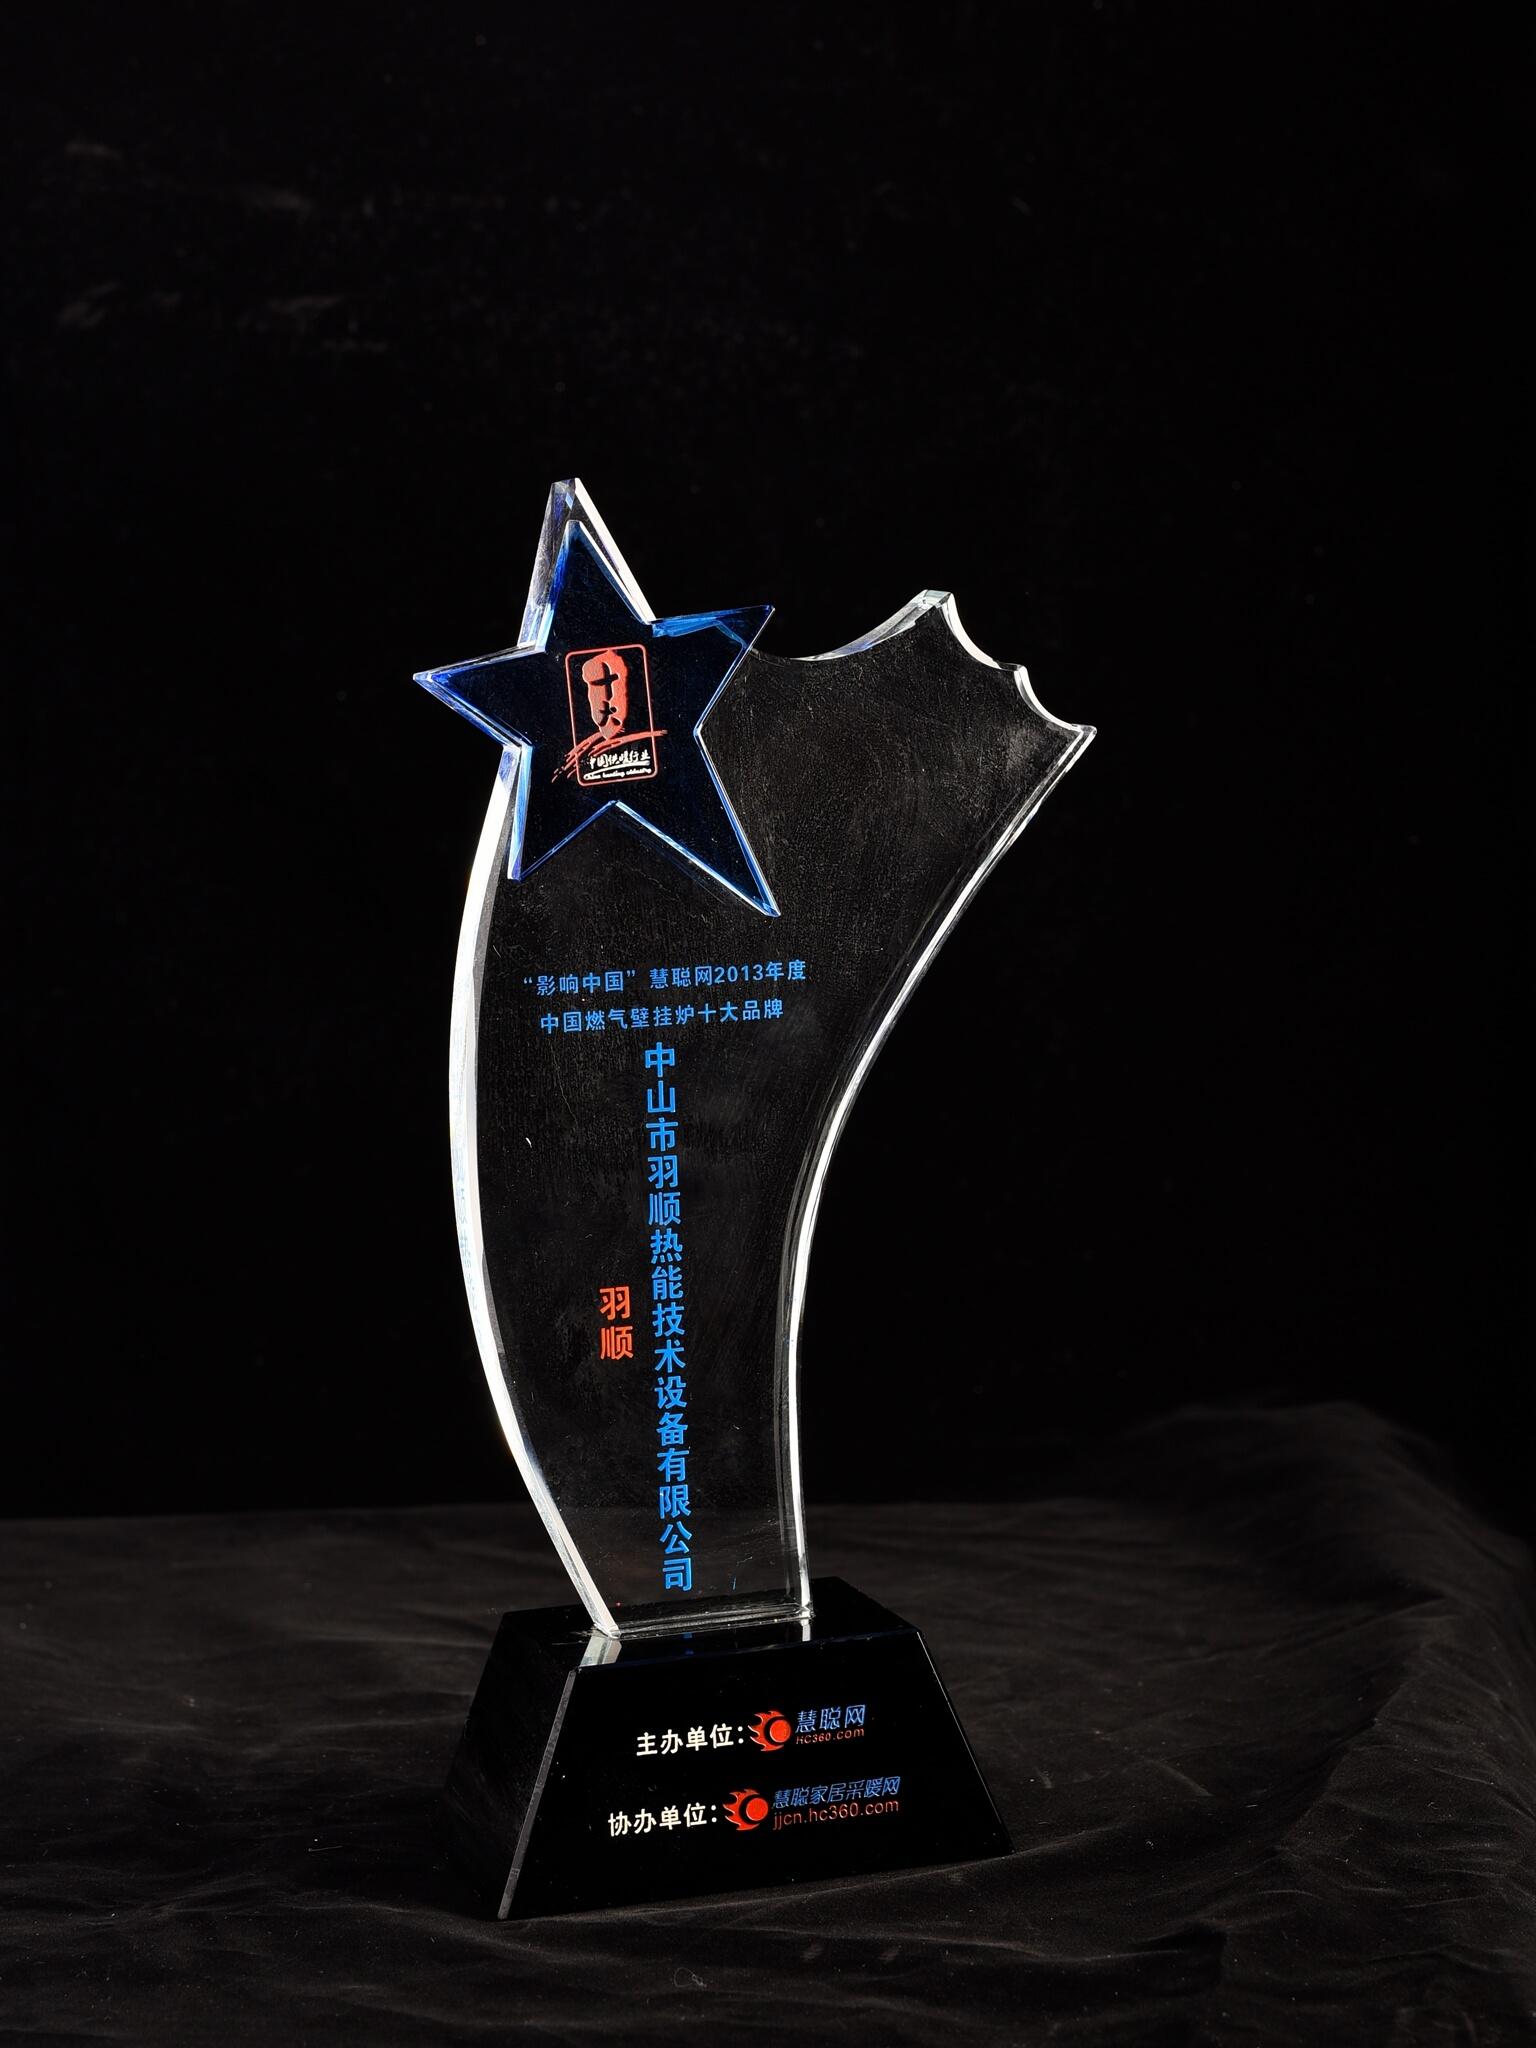 2013年度中国燃气壁挂炉十大品牌